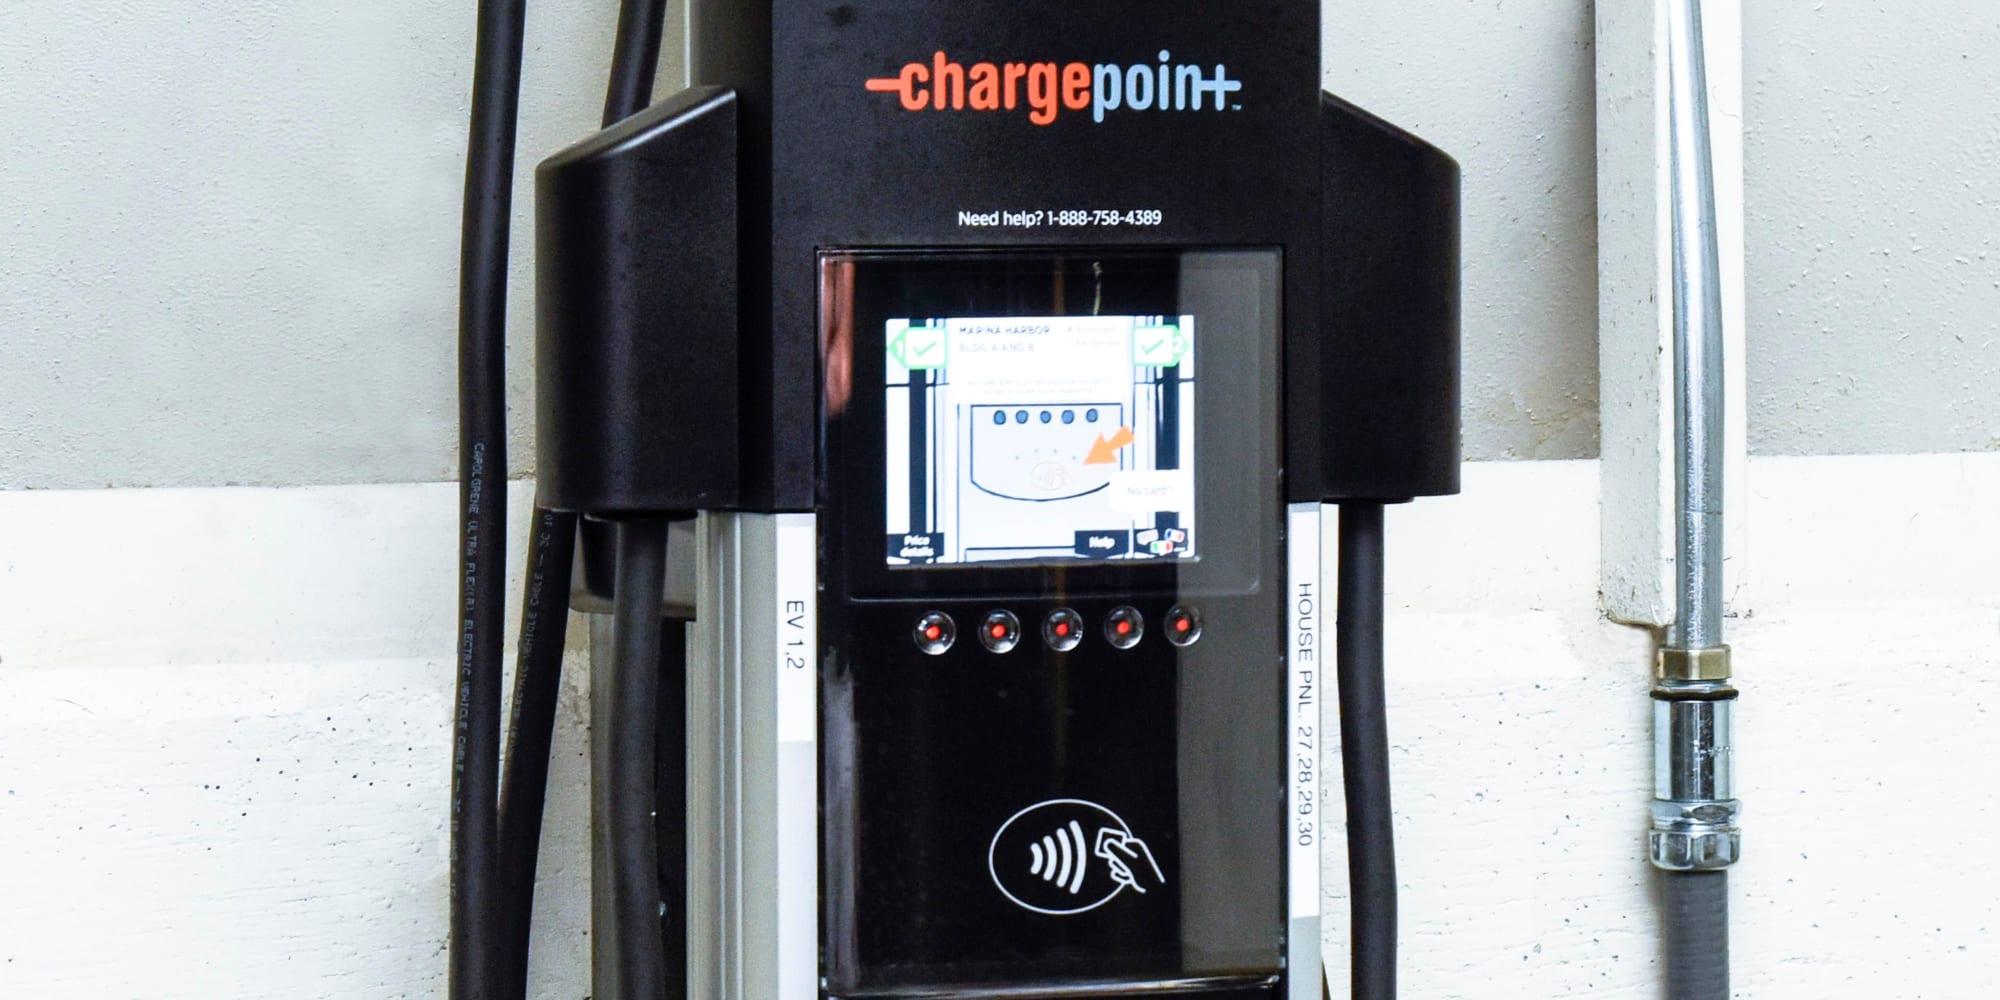 Electric vehicle charging stations at The Villa at Marina Harbor in Marina del Rey, California